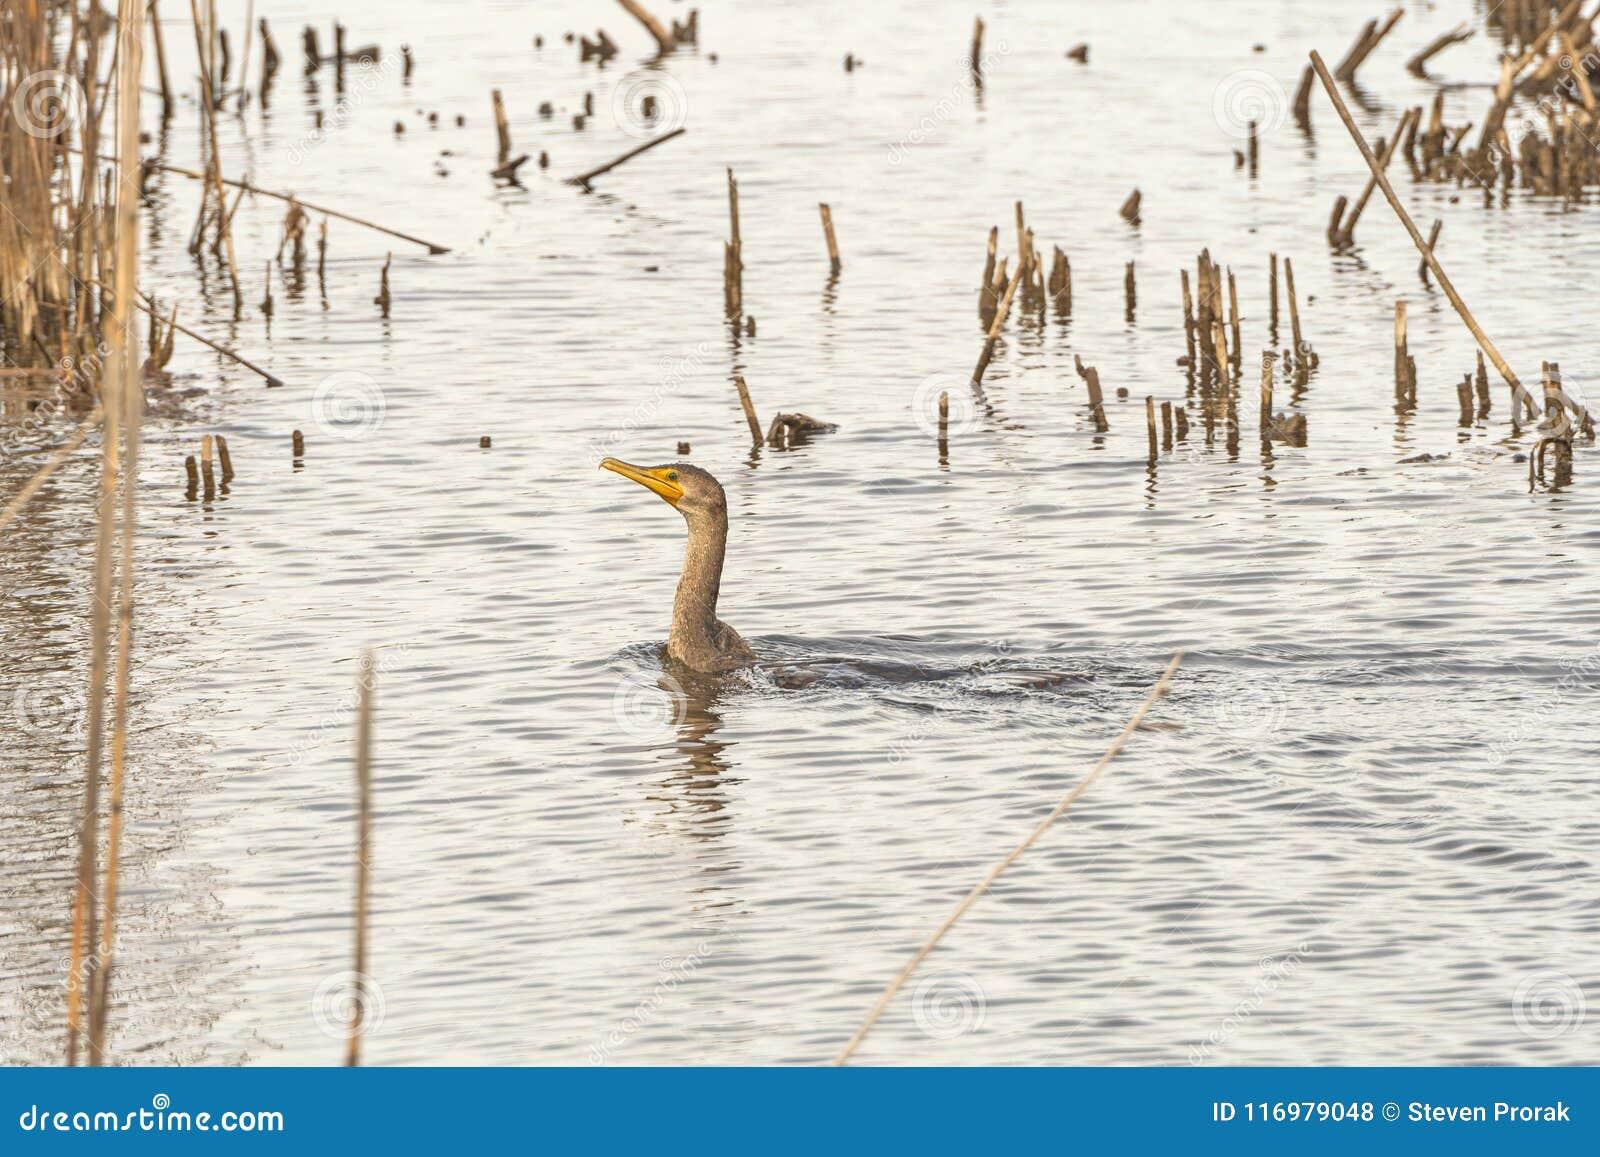 Krönad kormoran för tonåring dubblett i ett damm